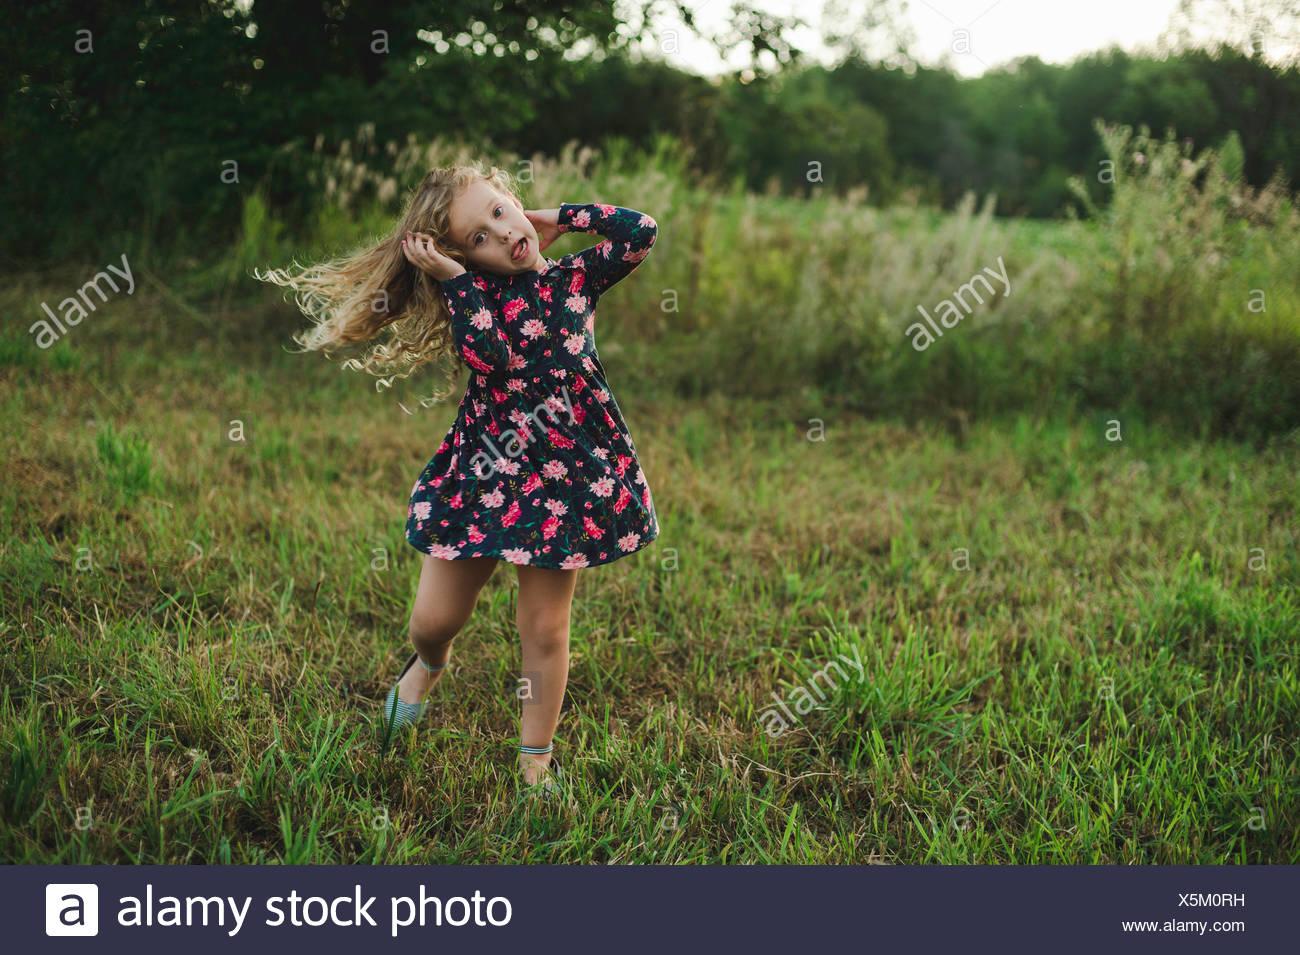 Blonde Mädchen laufen und ziehen ein Gesicht im Feld Stockbild